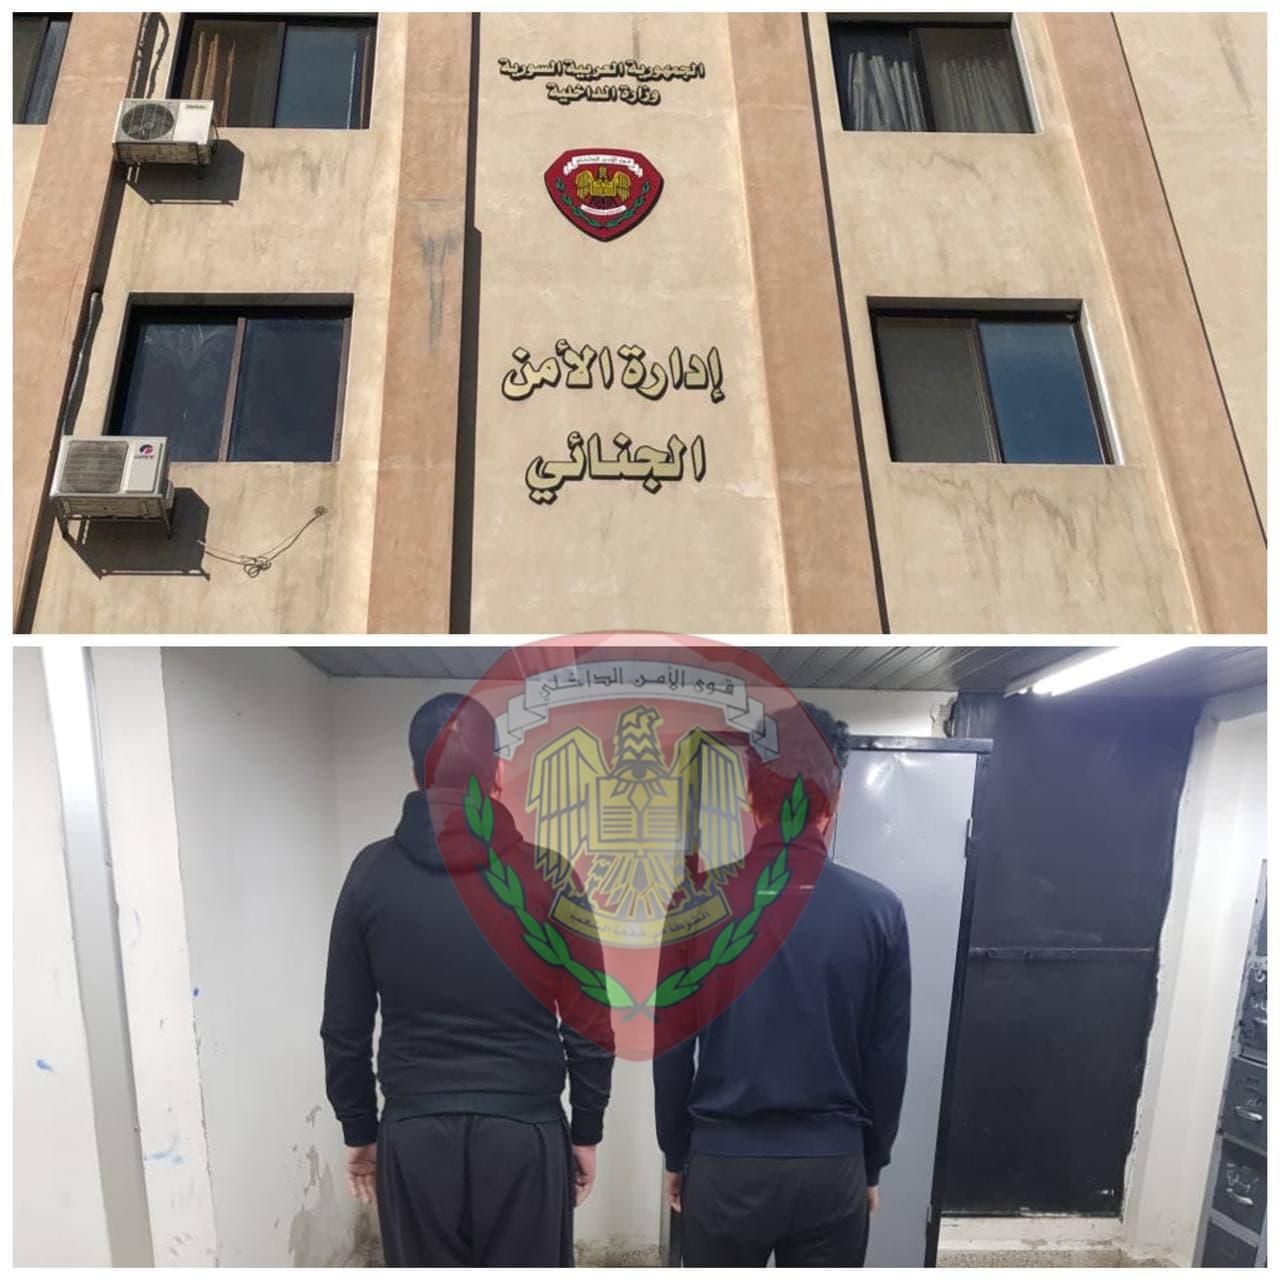 إدارة الأمن الجنائي تلقي القبض على مزوري أختام رسمية